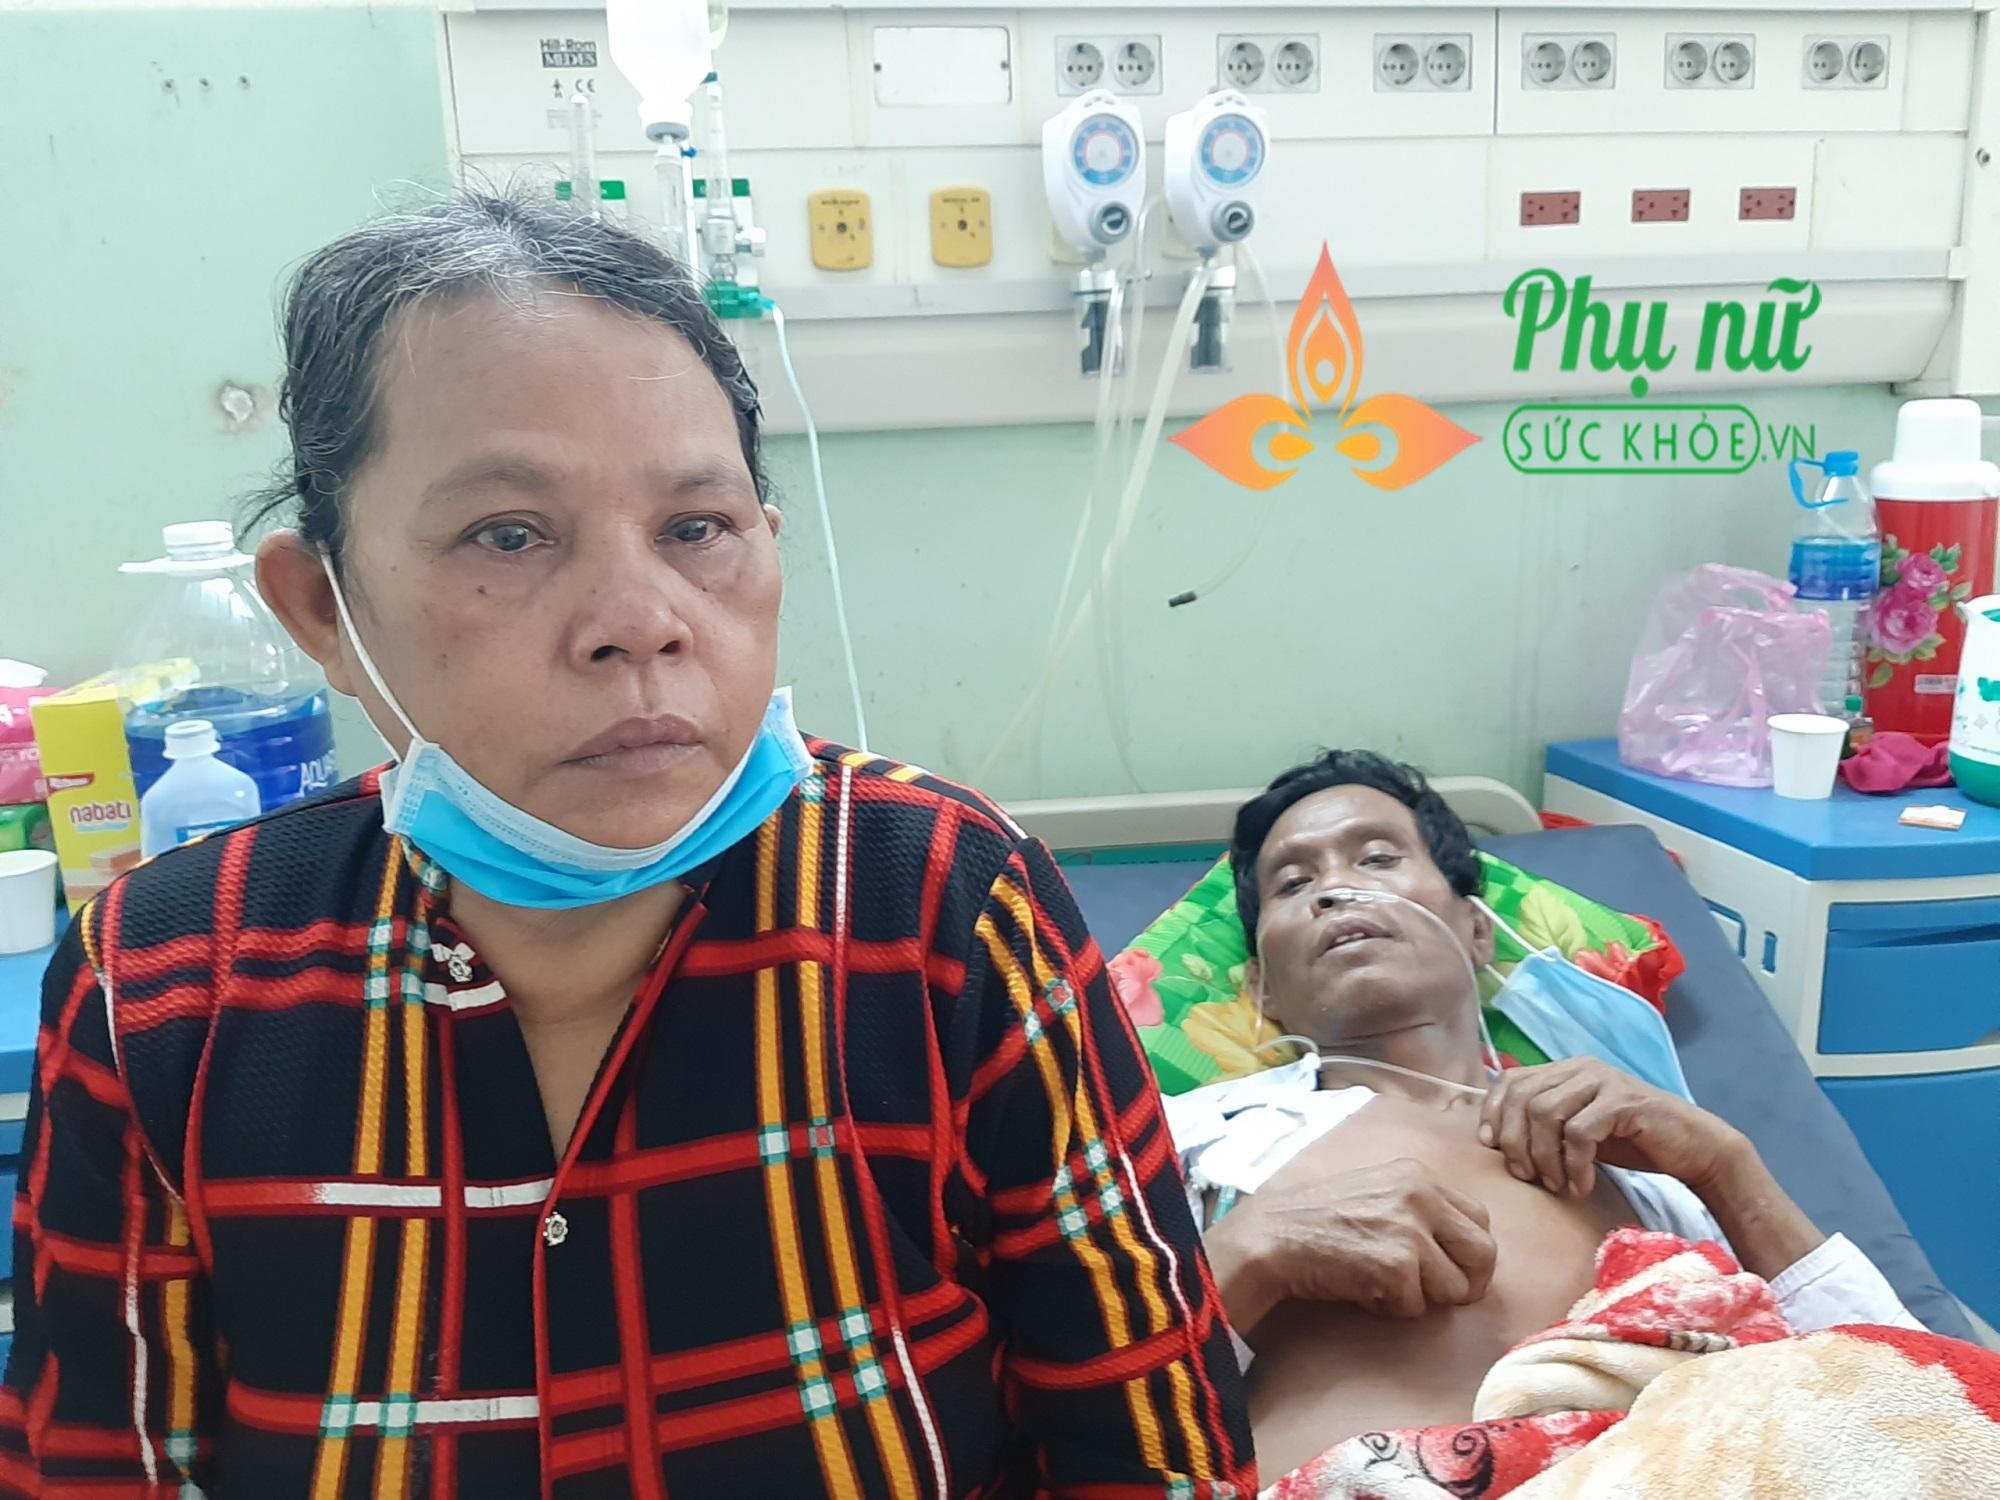 Thương cảnh người đàn ông dân tộc Khơ-me lâm bệnh nặng, vợ khóc ròng xin đưa chồng về vì không có tiền chữa trị - Ảnh 5